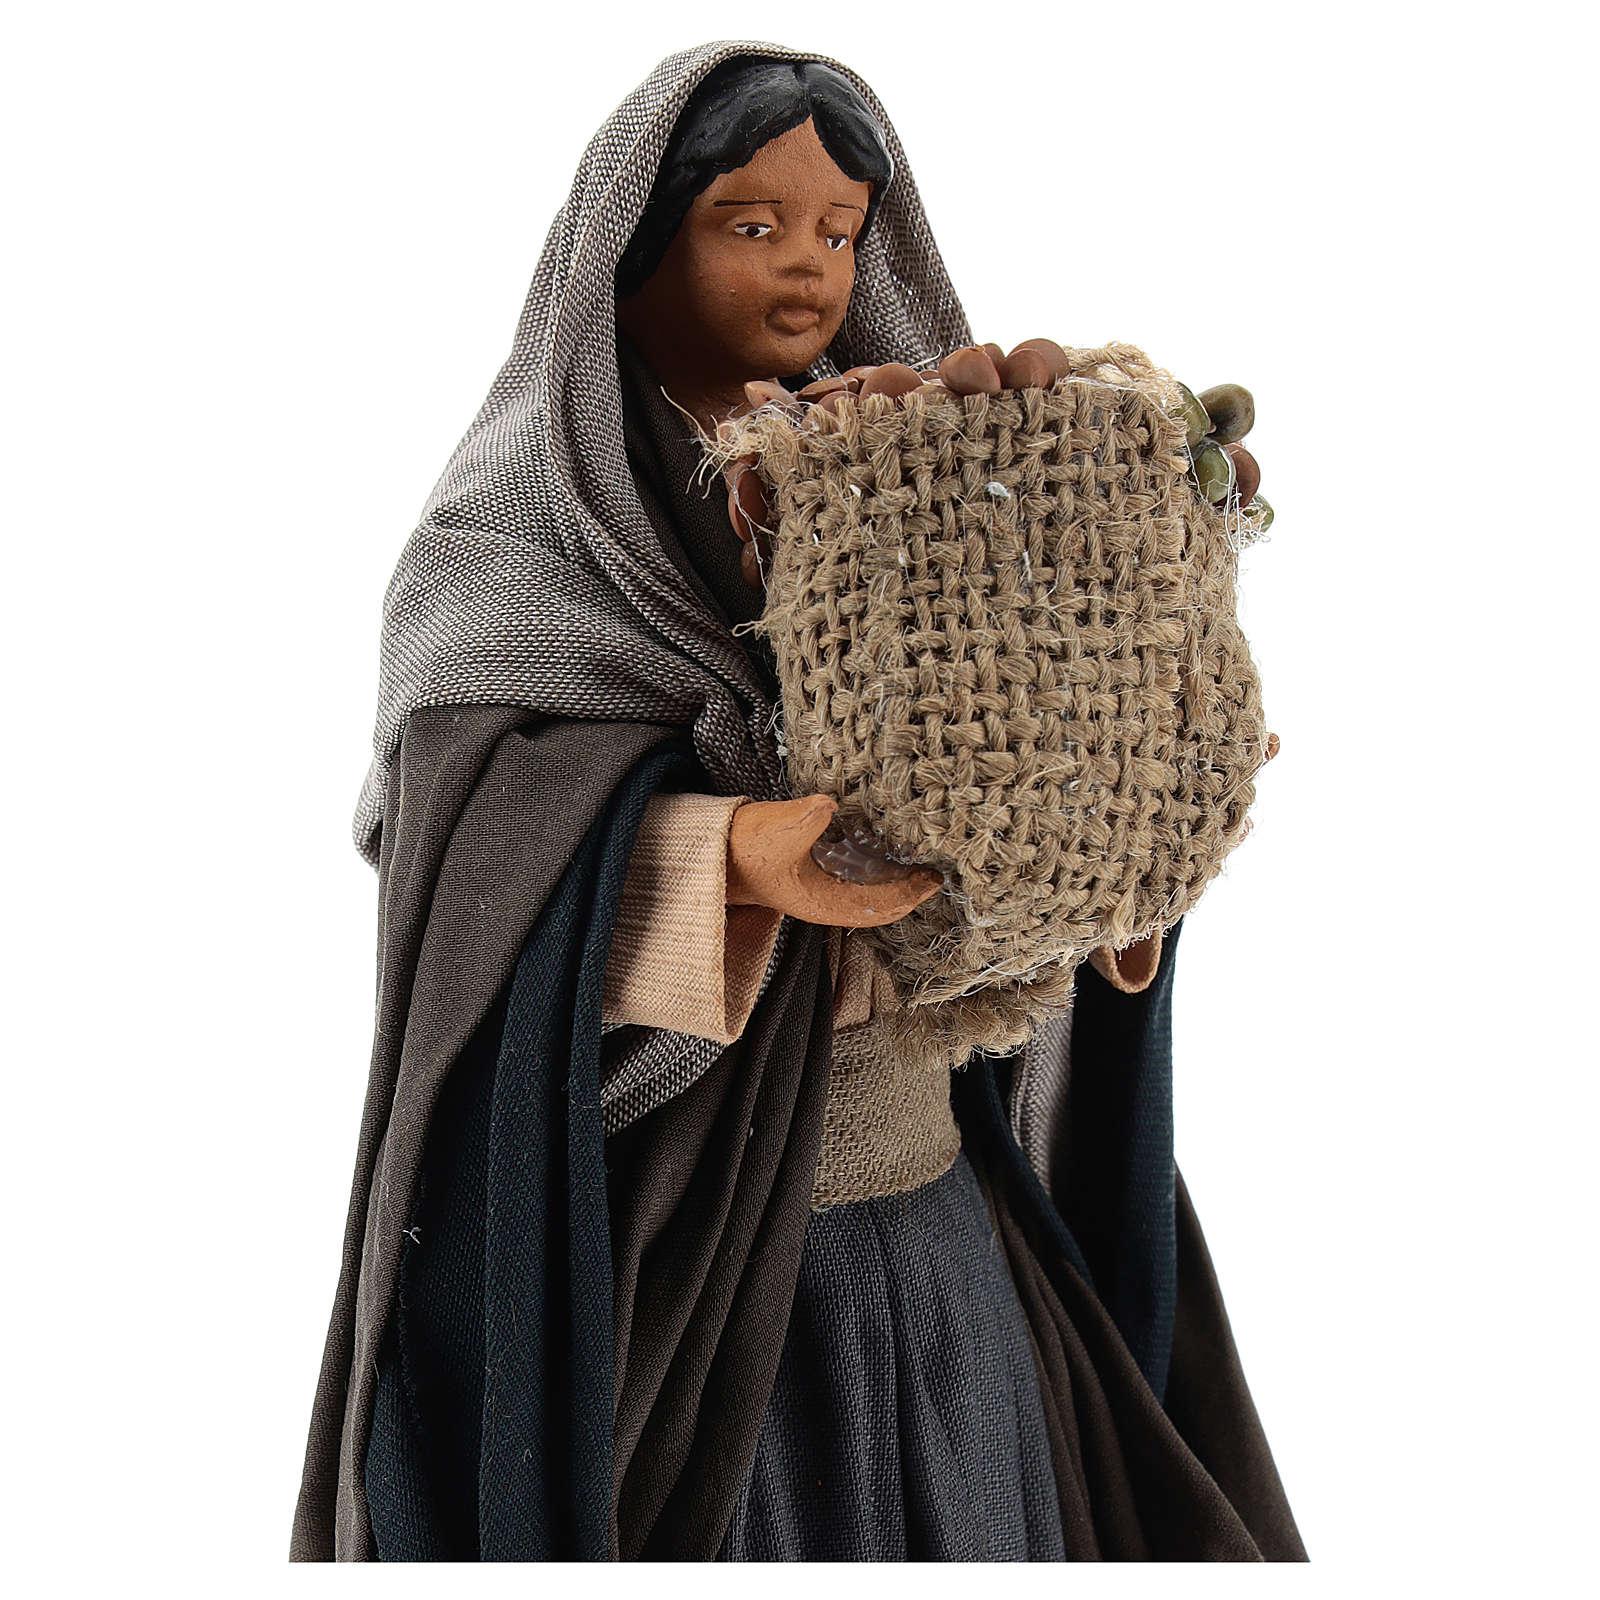 Mujer con saco de semillas en mano 14 cm 4